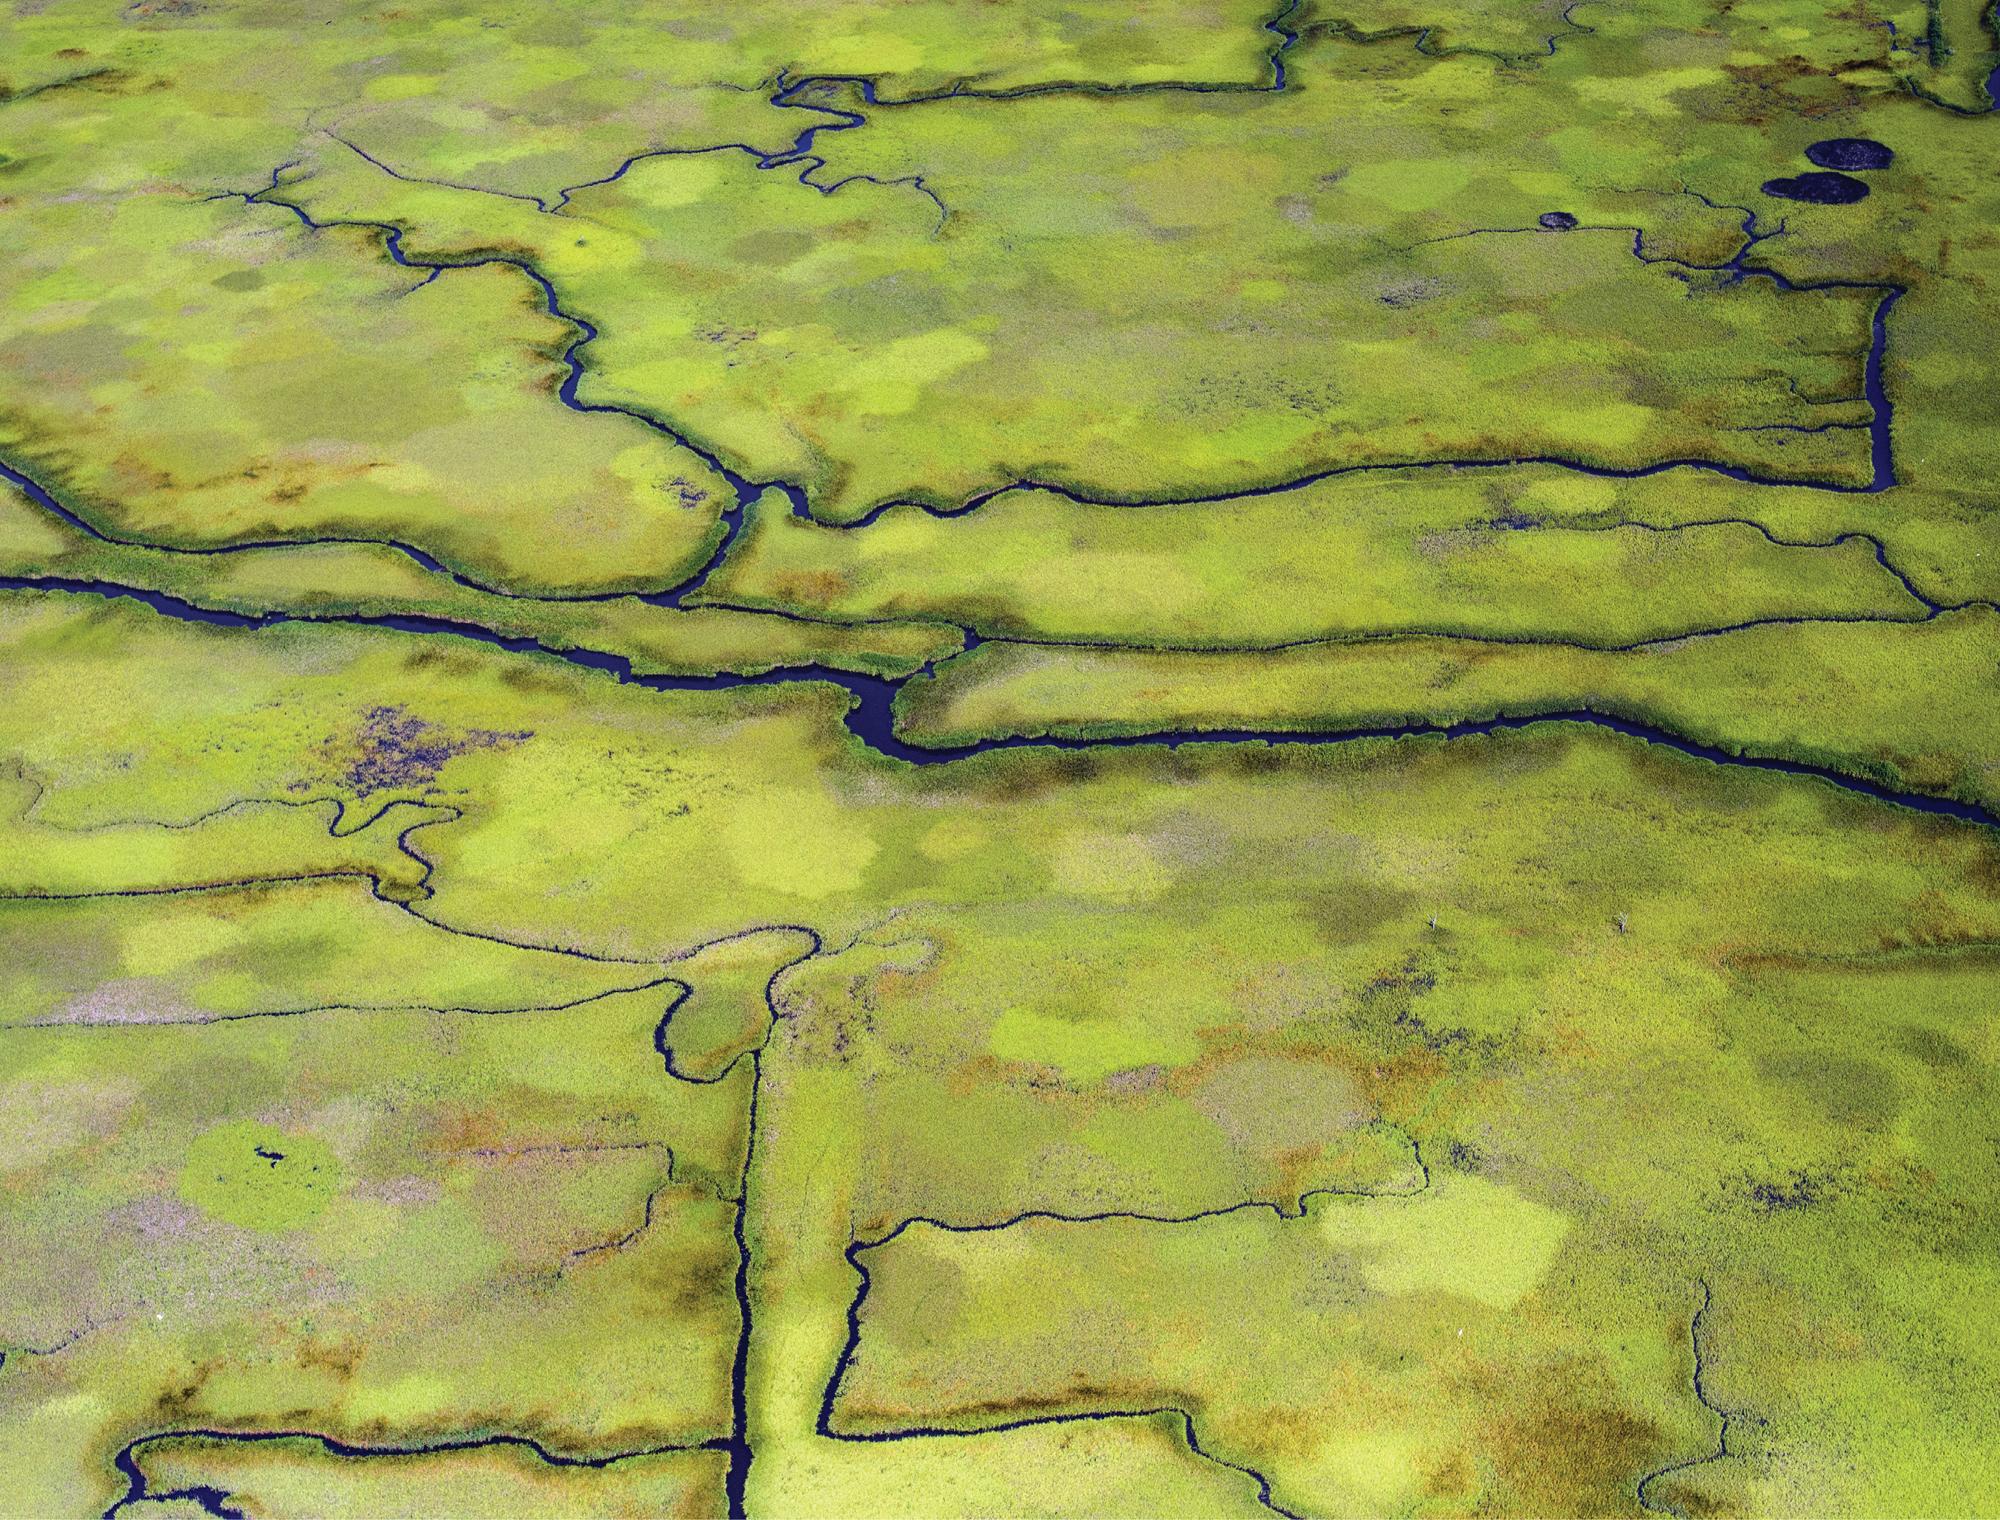 Coastal Wetlands at Tom Yawkee Wildlife Preserve  (Georgetown; July 2, 2015)